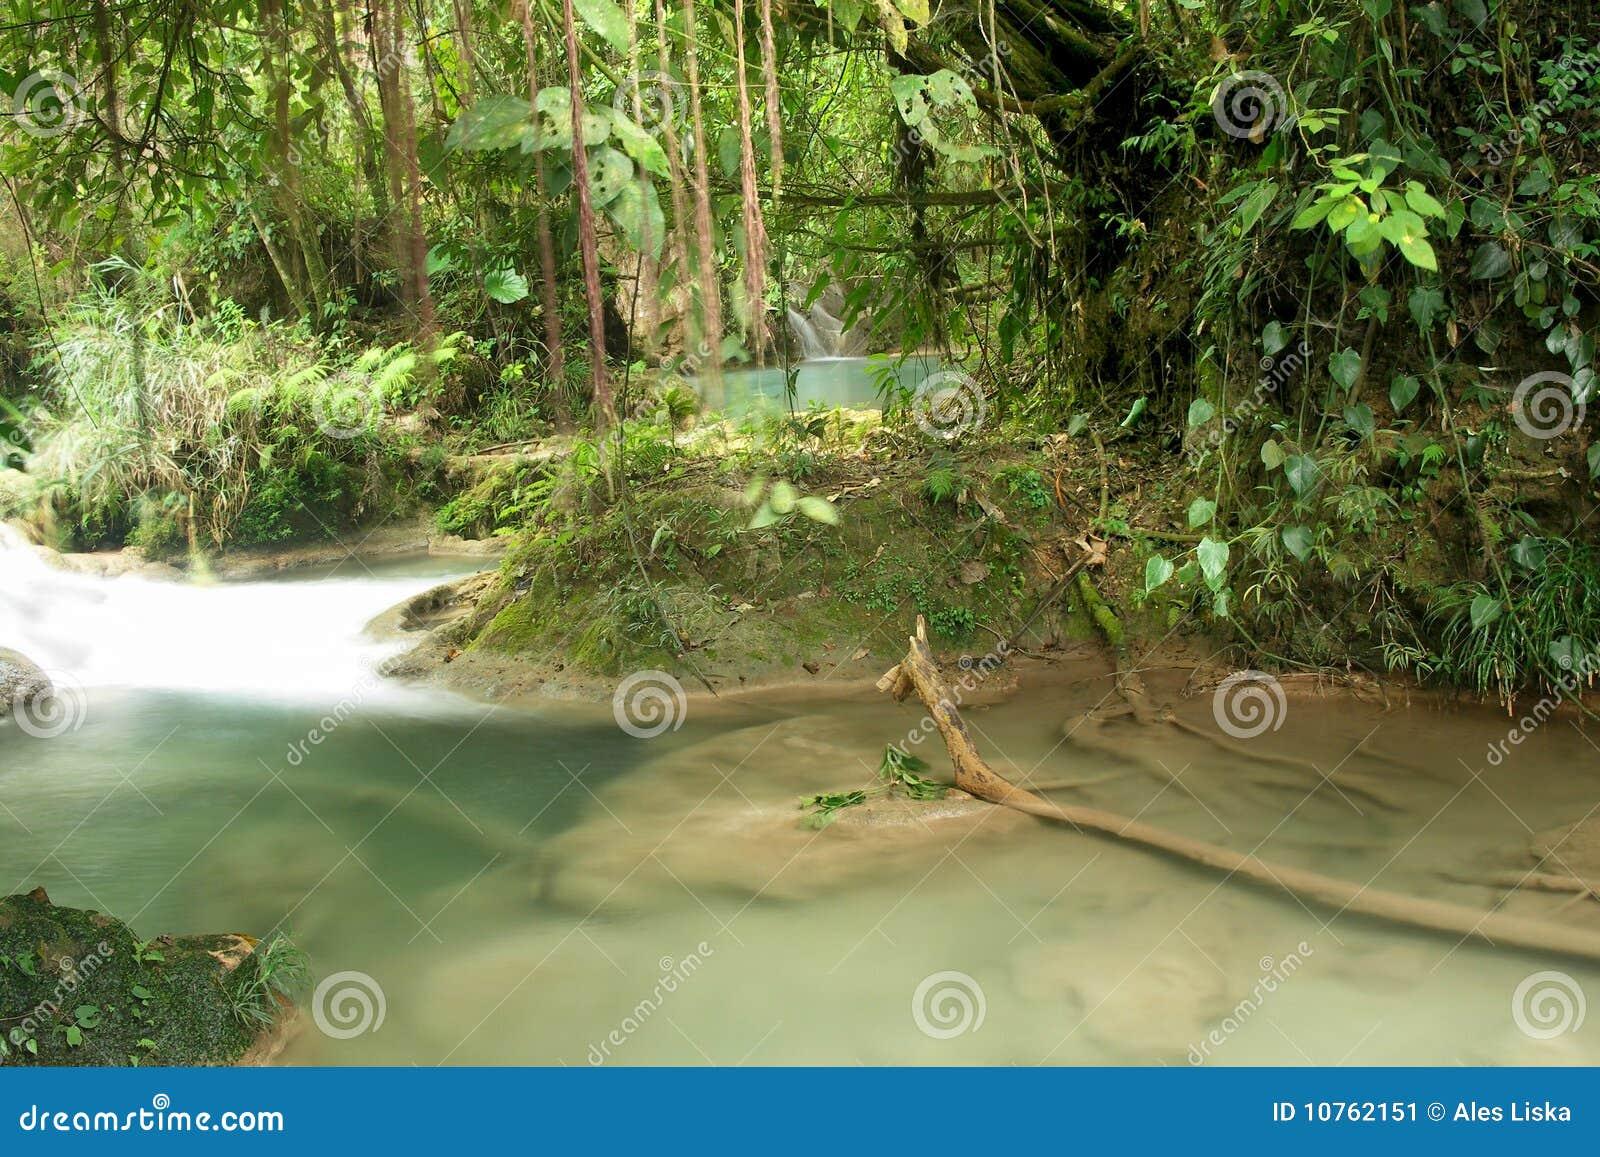 Piscina secreta en la selva tropical agua azul m xico for Piscina la selva